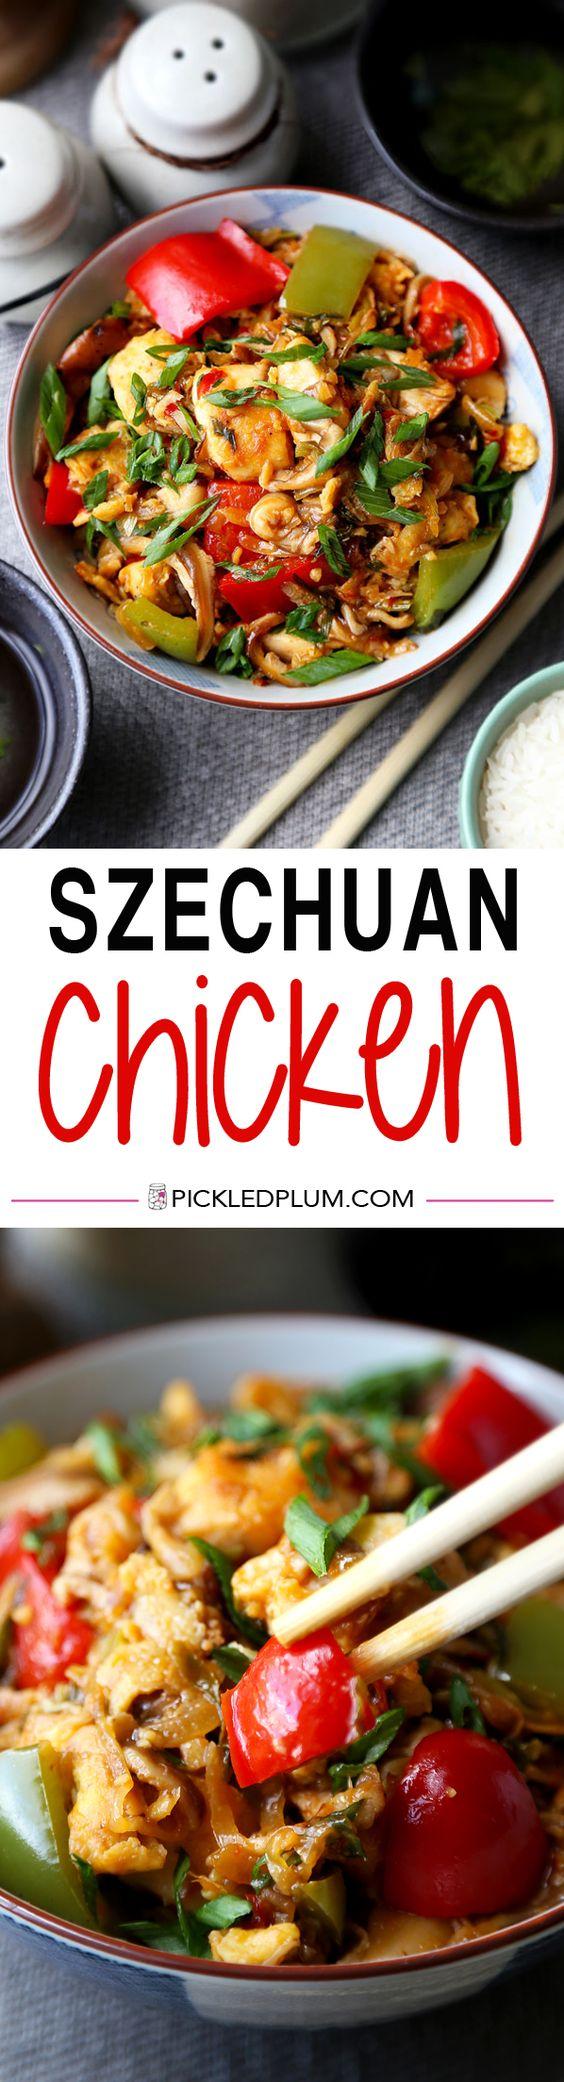 Szechuan chicken, Chicken stir fry and Stir fry on Pinterest